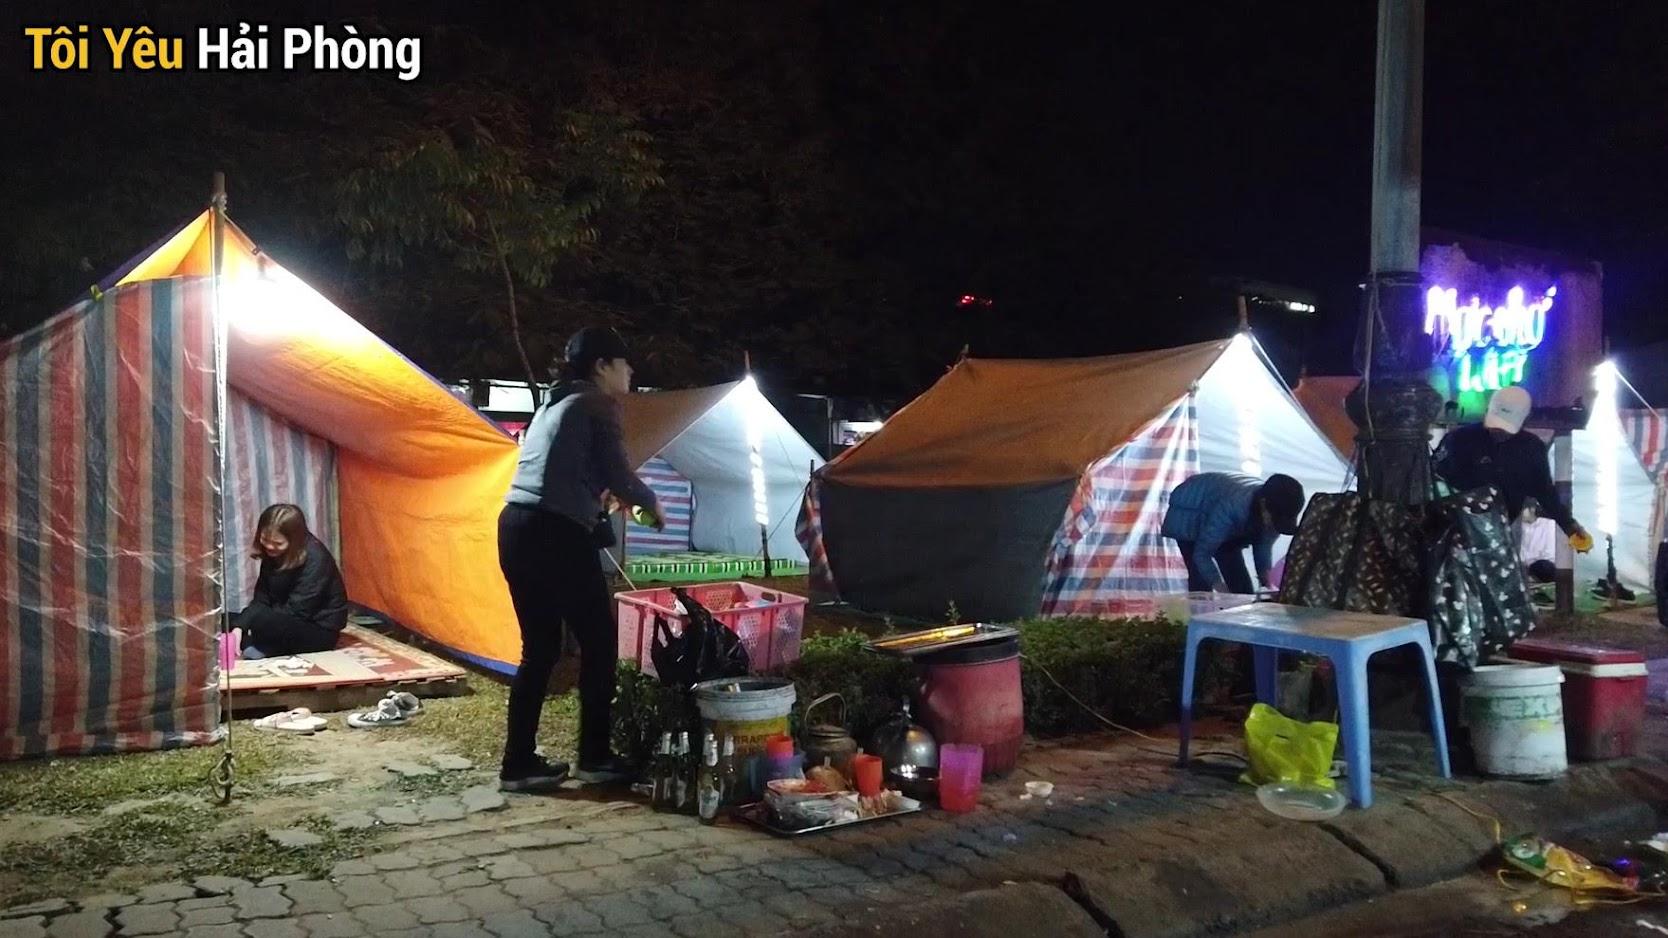 Ăn mực đêm ở Hồ Đào tại Hải Phòng 4